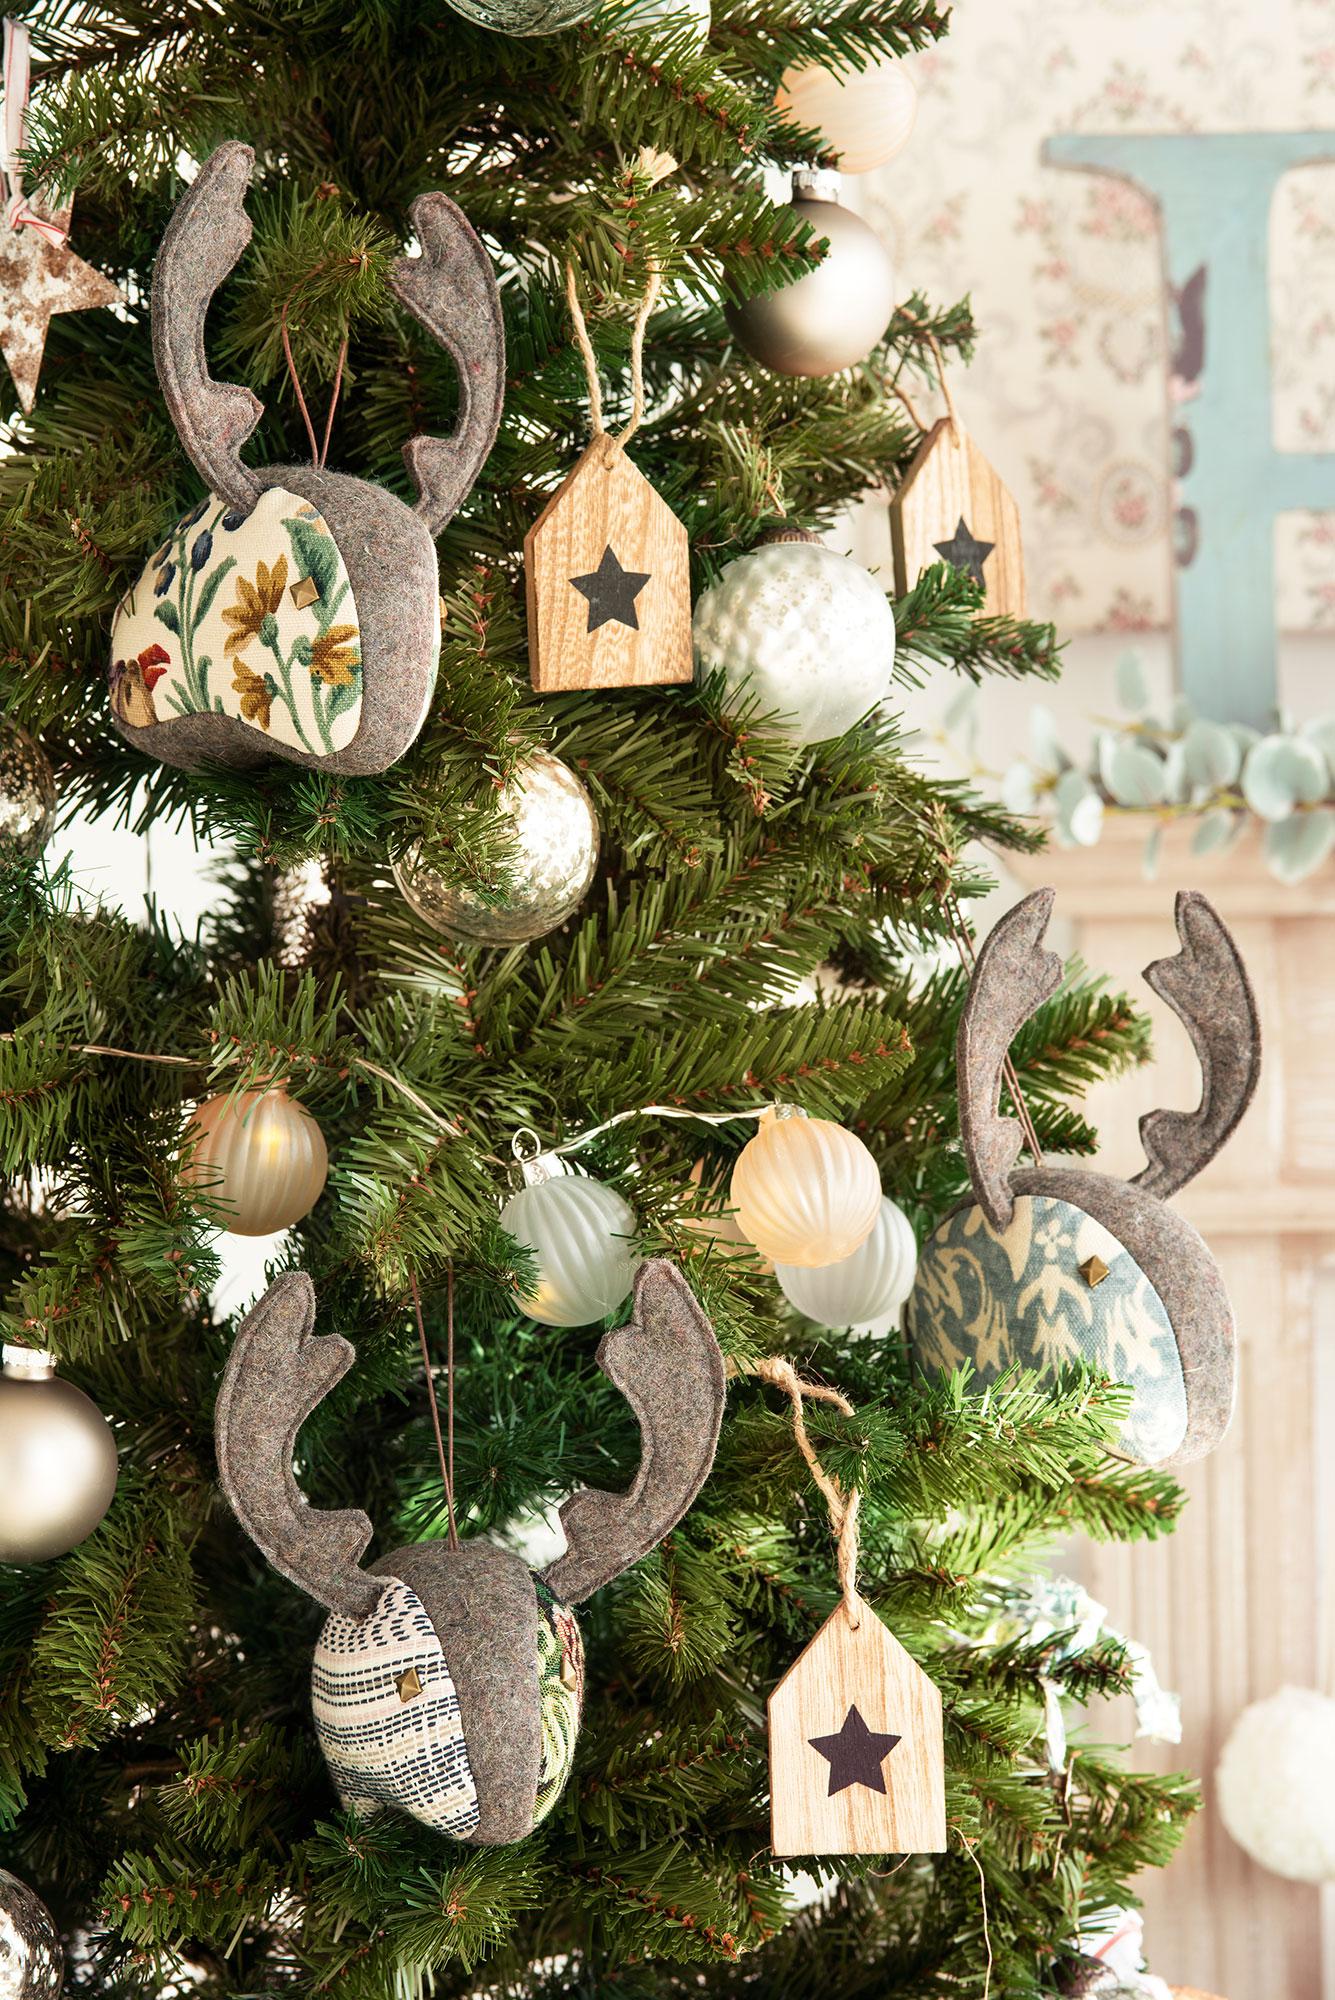 Ideas para decorar el rbol de navidad 3 rboles 3 estilos - Decorar arbol de navidad blanco ...